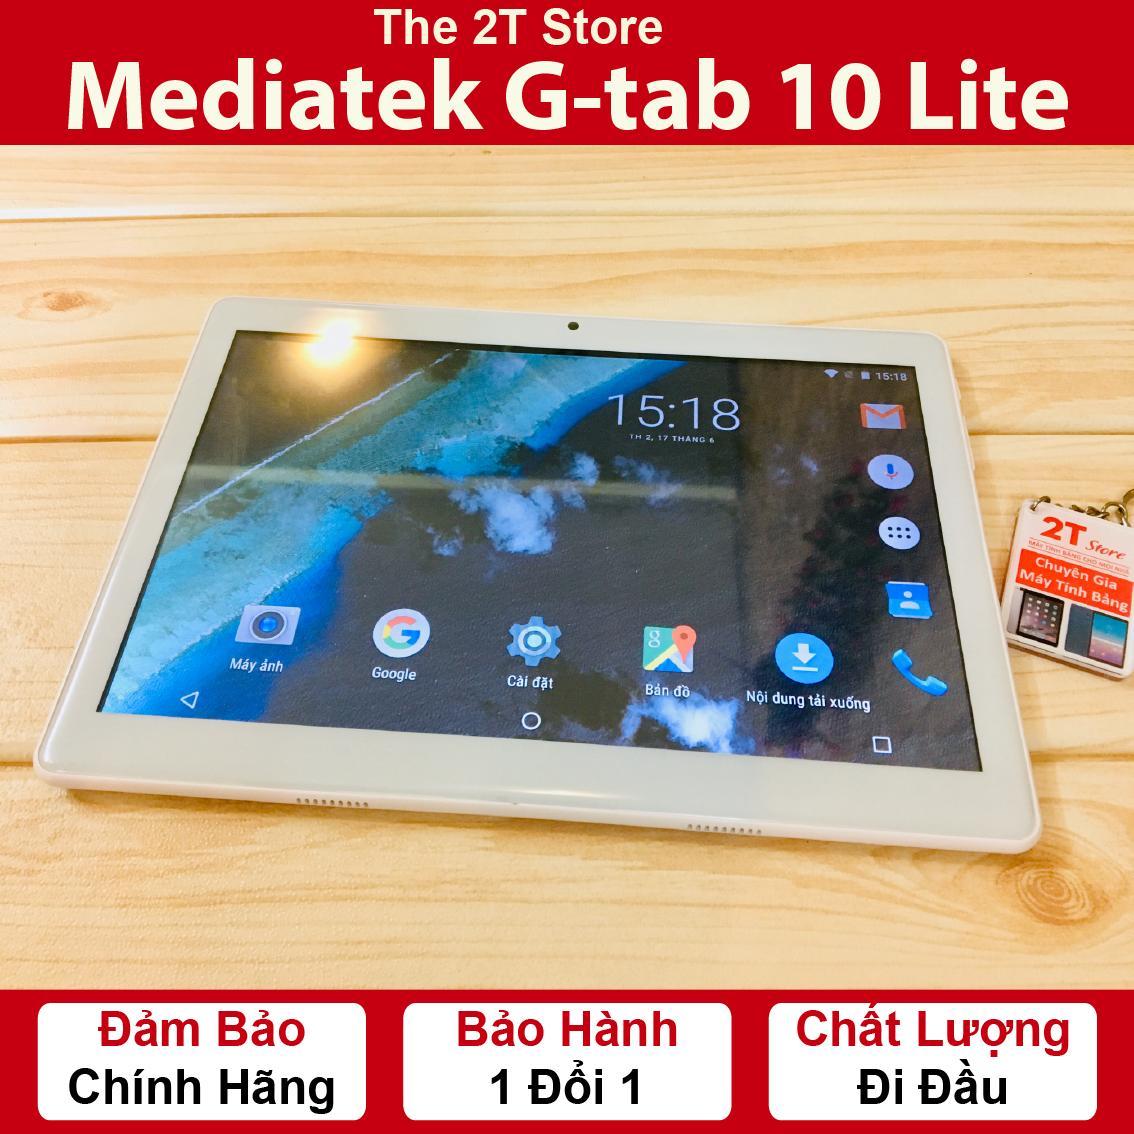 Máy tính bảng Gtab 10 Lite (Wifi+3G) (Màu Bạc Xám) (Hàng nhập khẩu) Nhật Bản